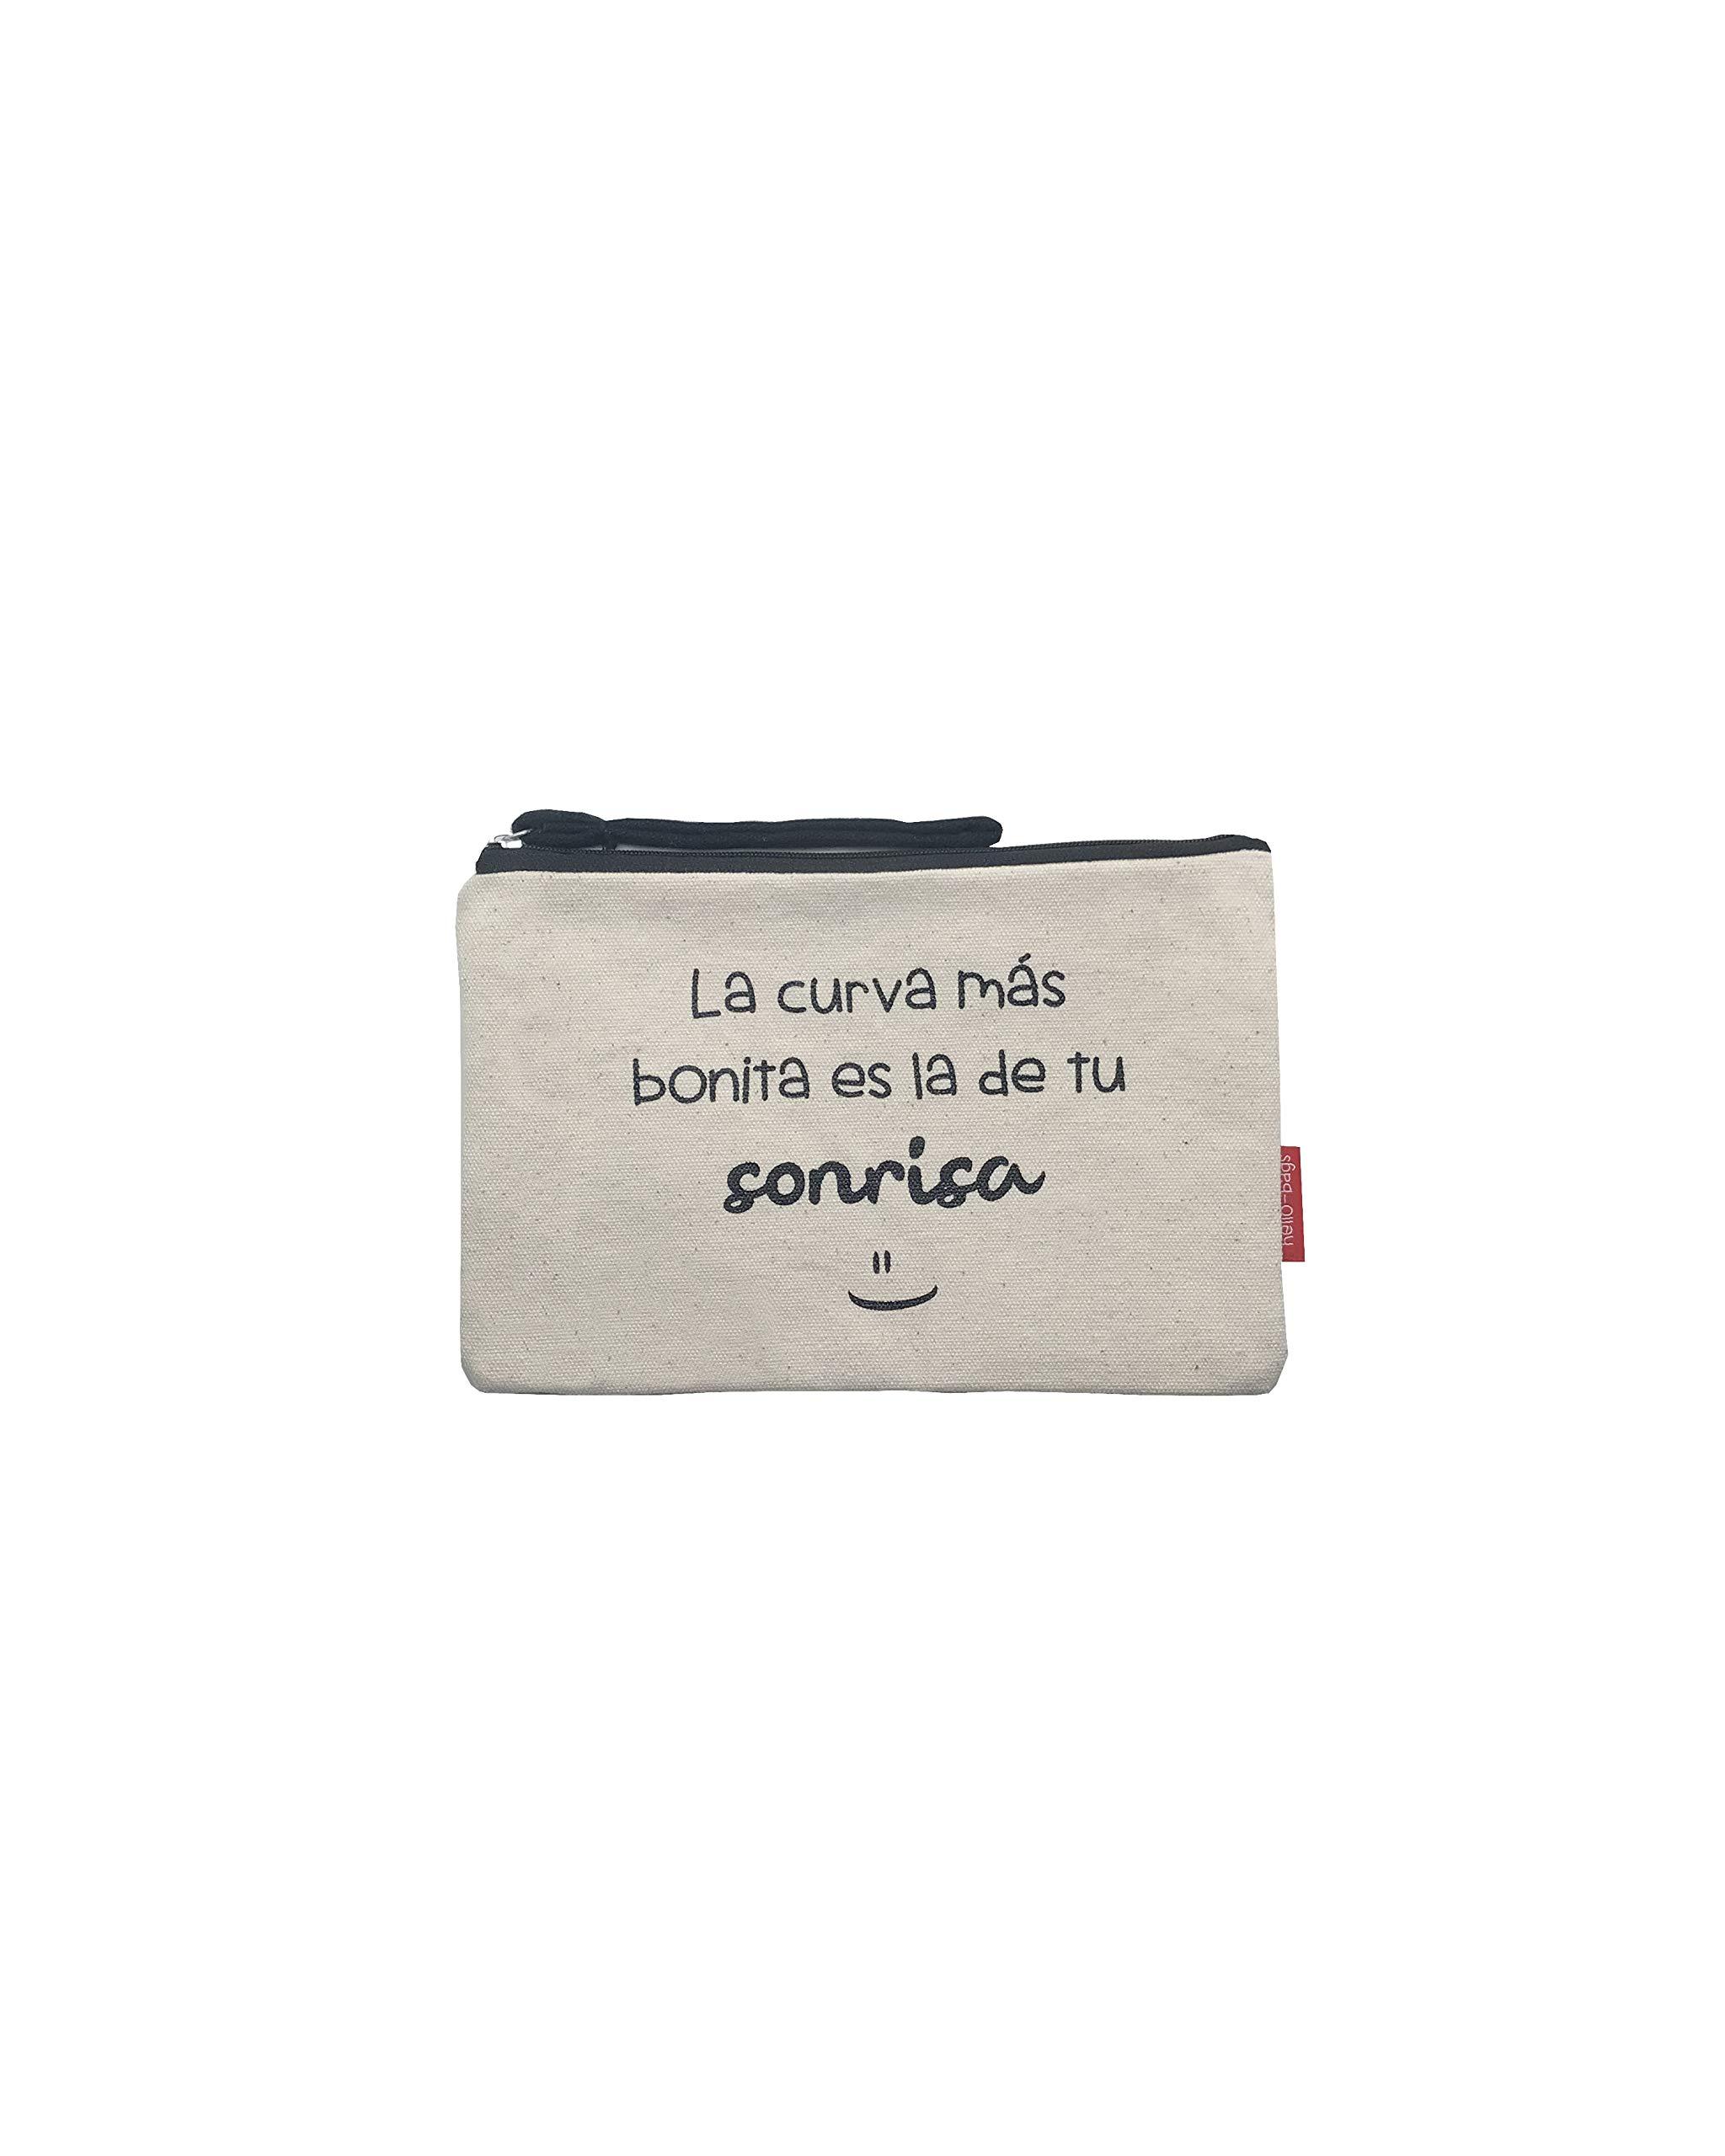 71bxawkDNmL - Bolso Neceser/Cartera de Mano. Algodón 100%. Blanco. con Cremallera y Forro Interior. 23 * 15,5 cm. Incluye sobre Kraft…